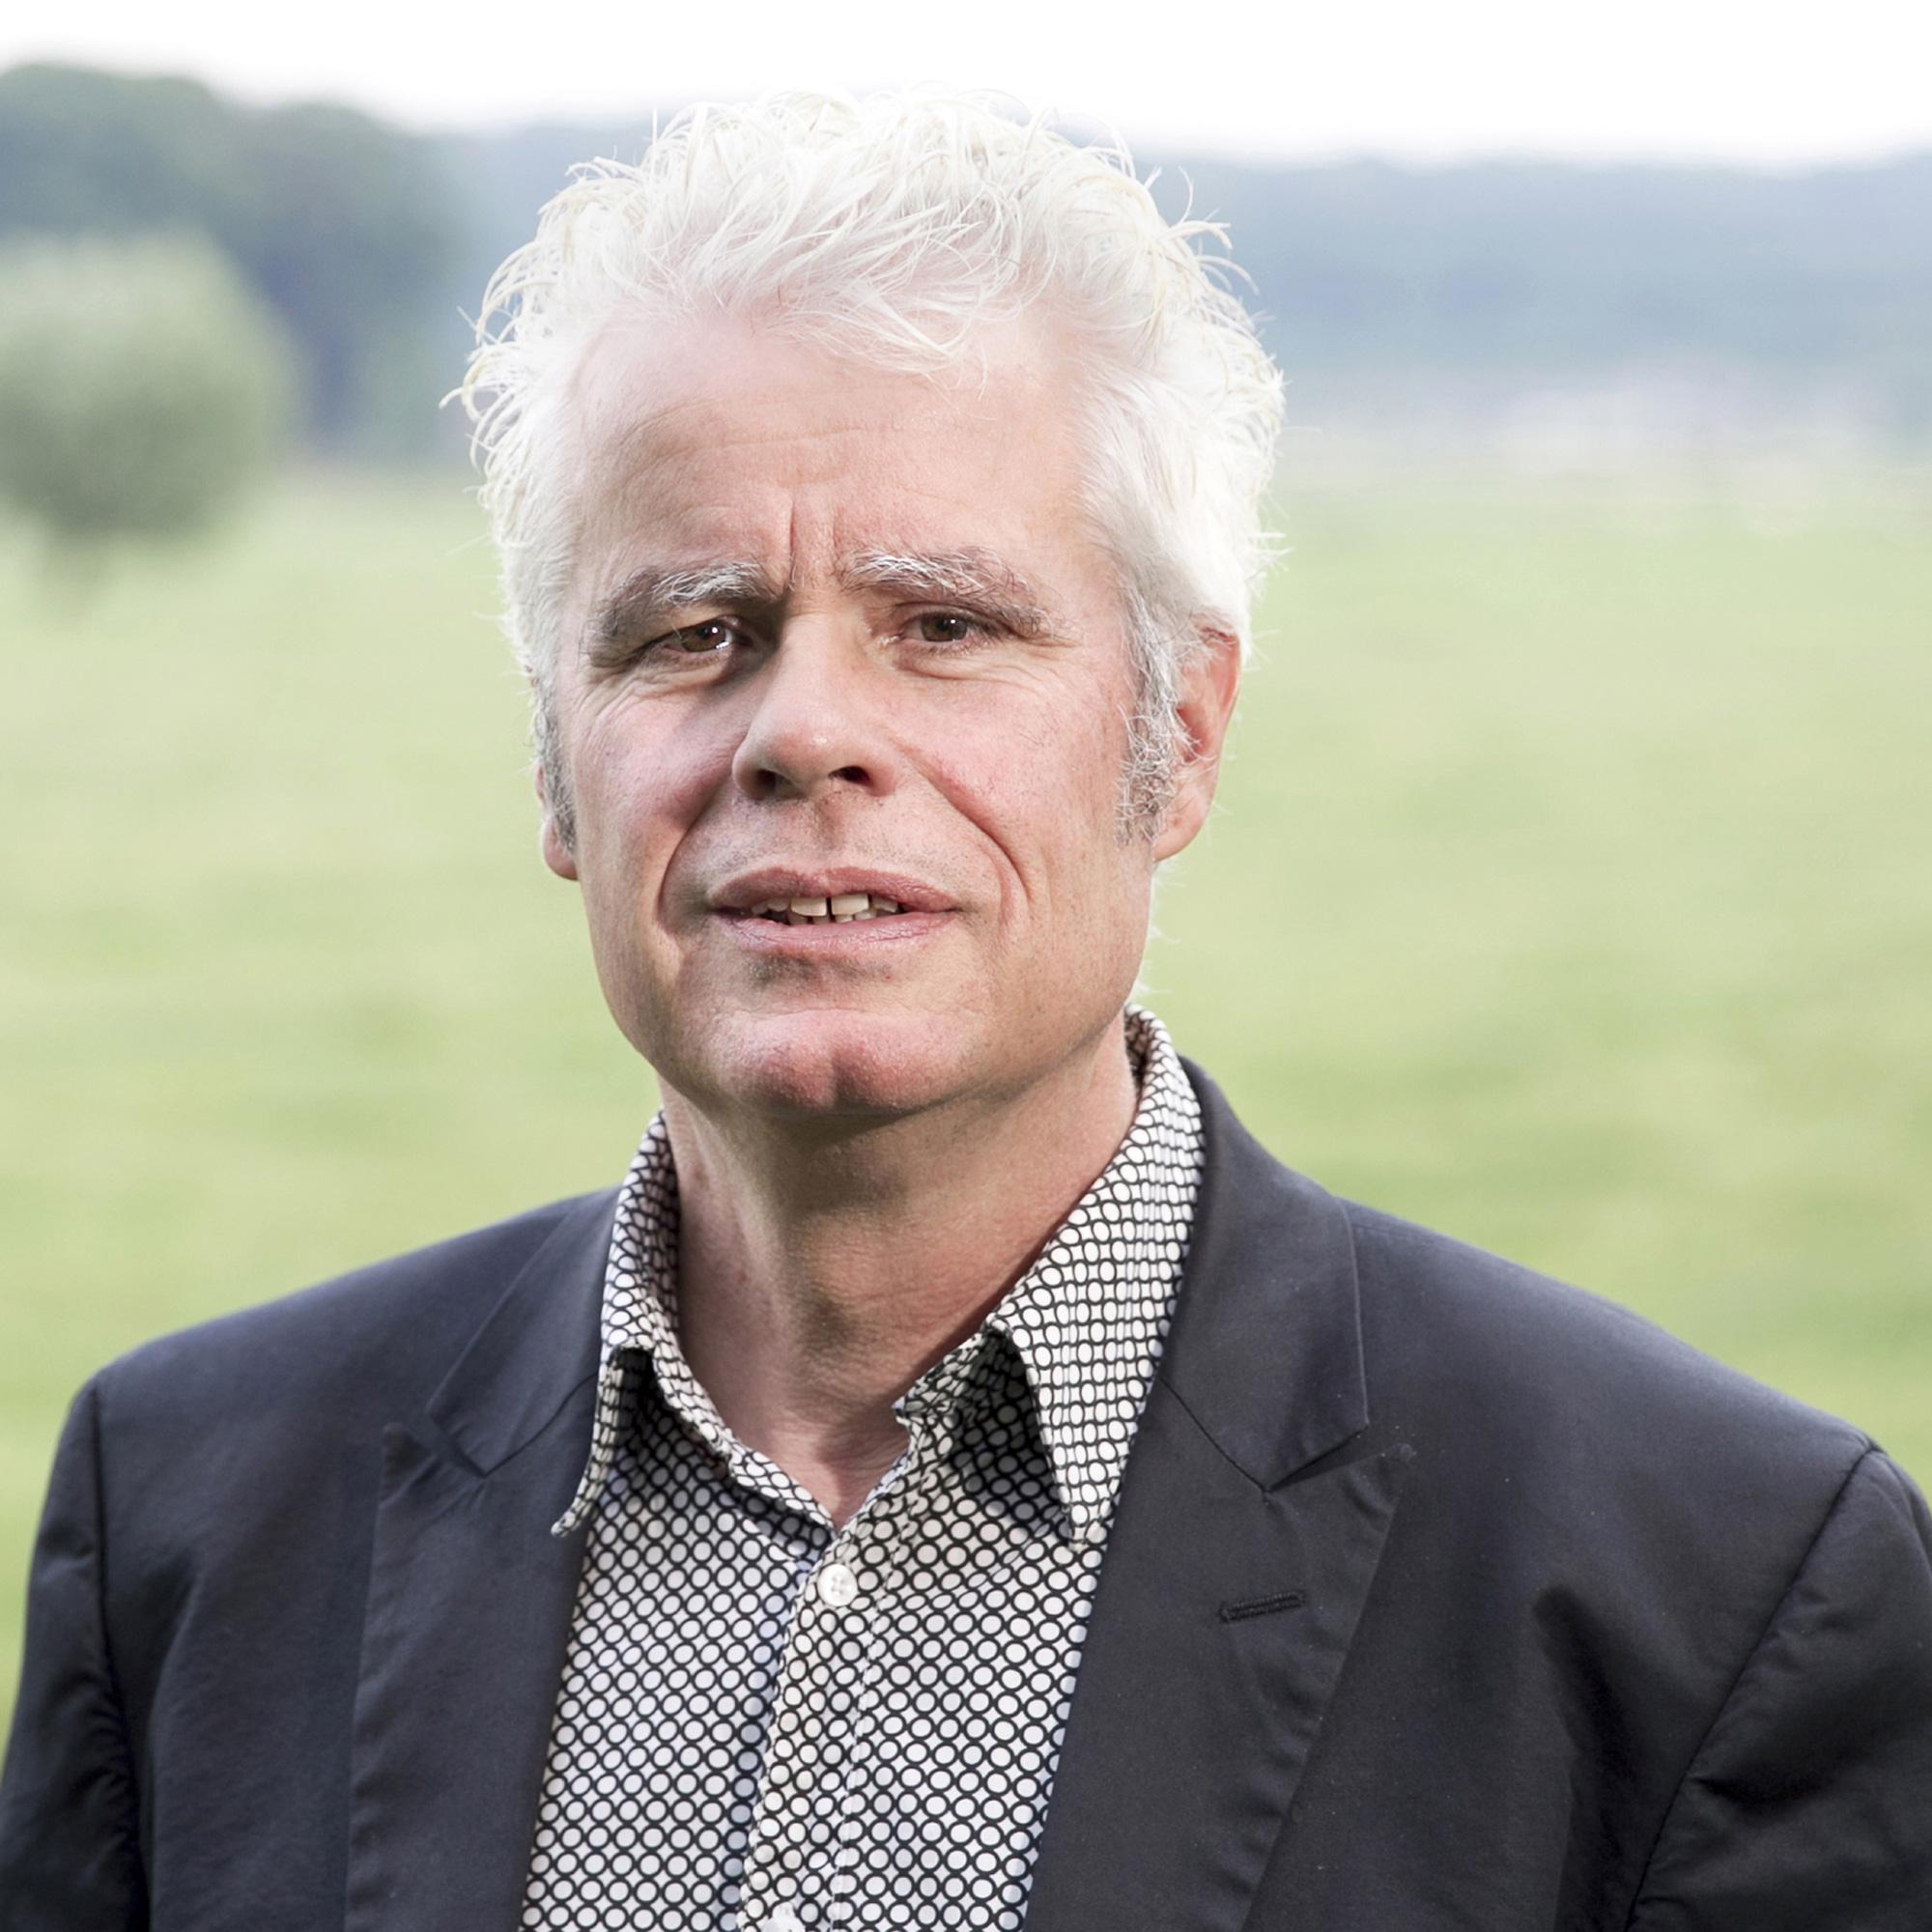 van Cooten